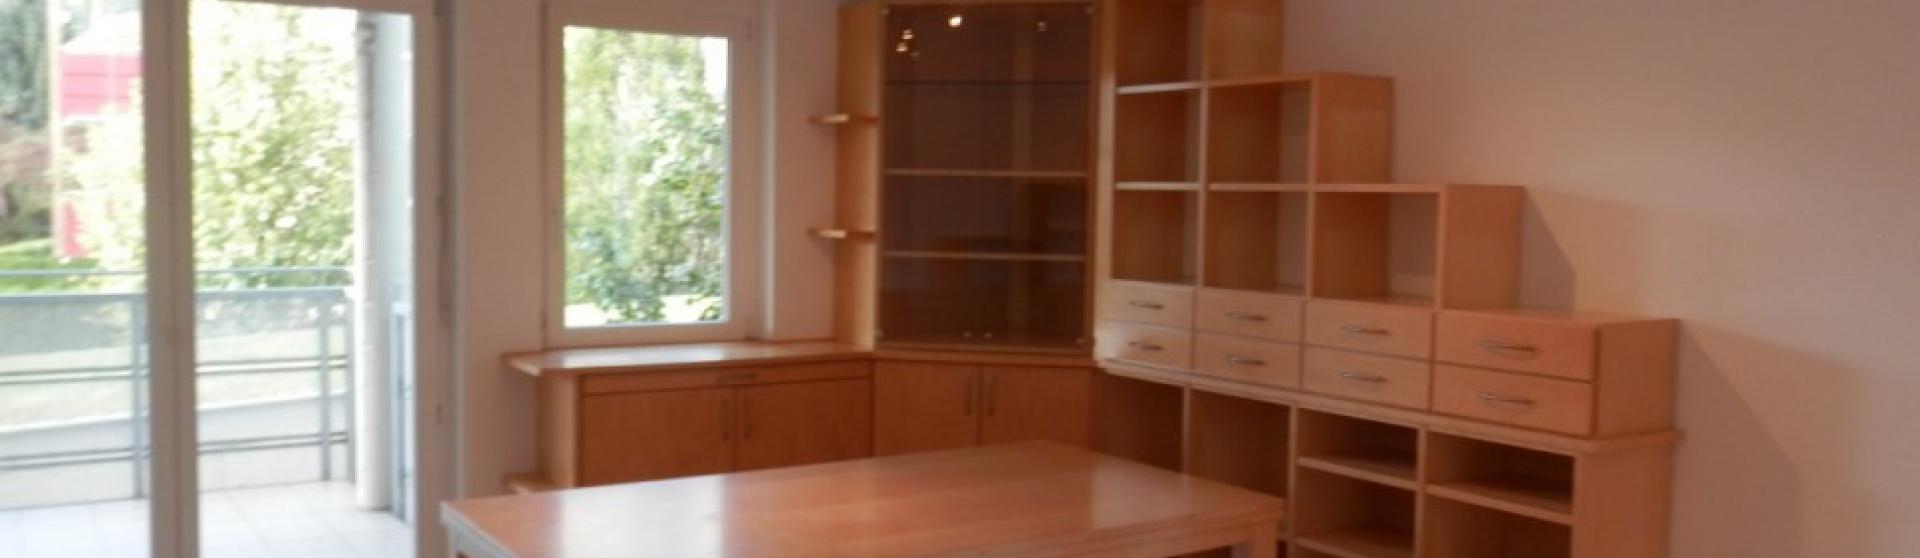 Graz,8051,3 Bedrooms Bedrooms,1 BathroomBathrooms,Wohnung,1000